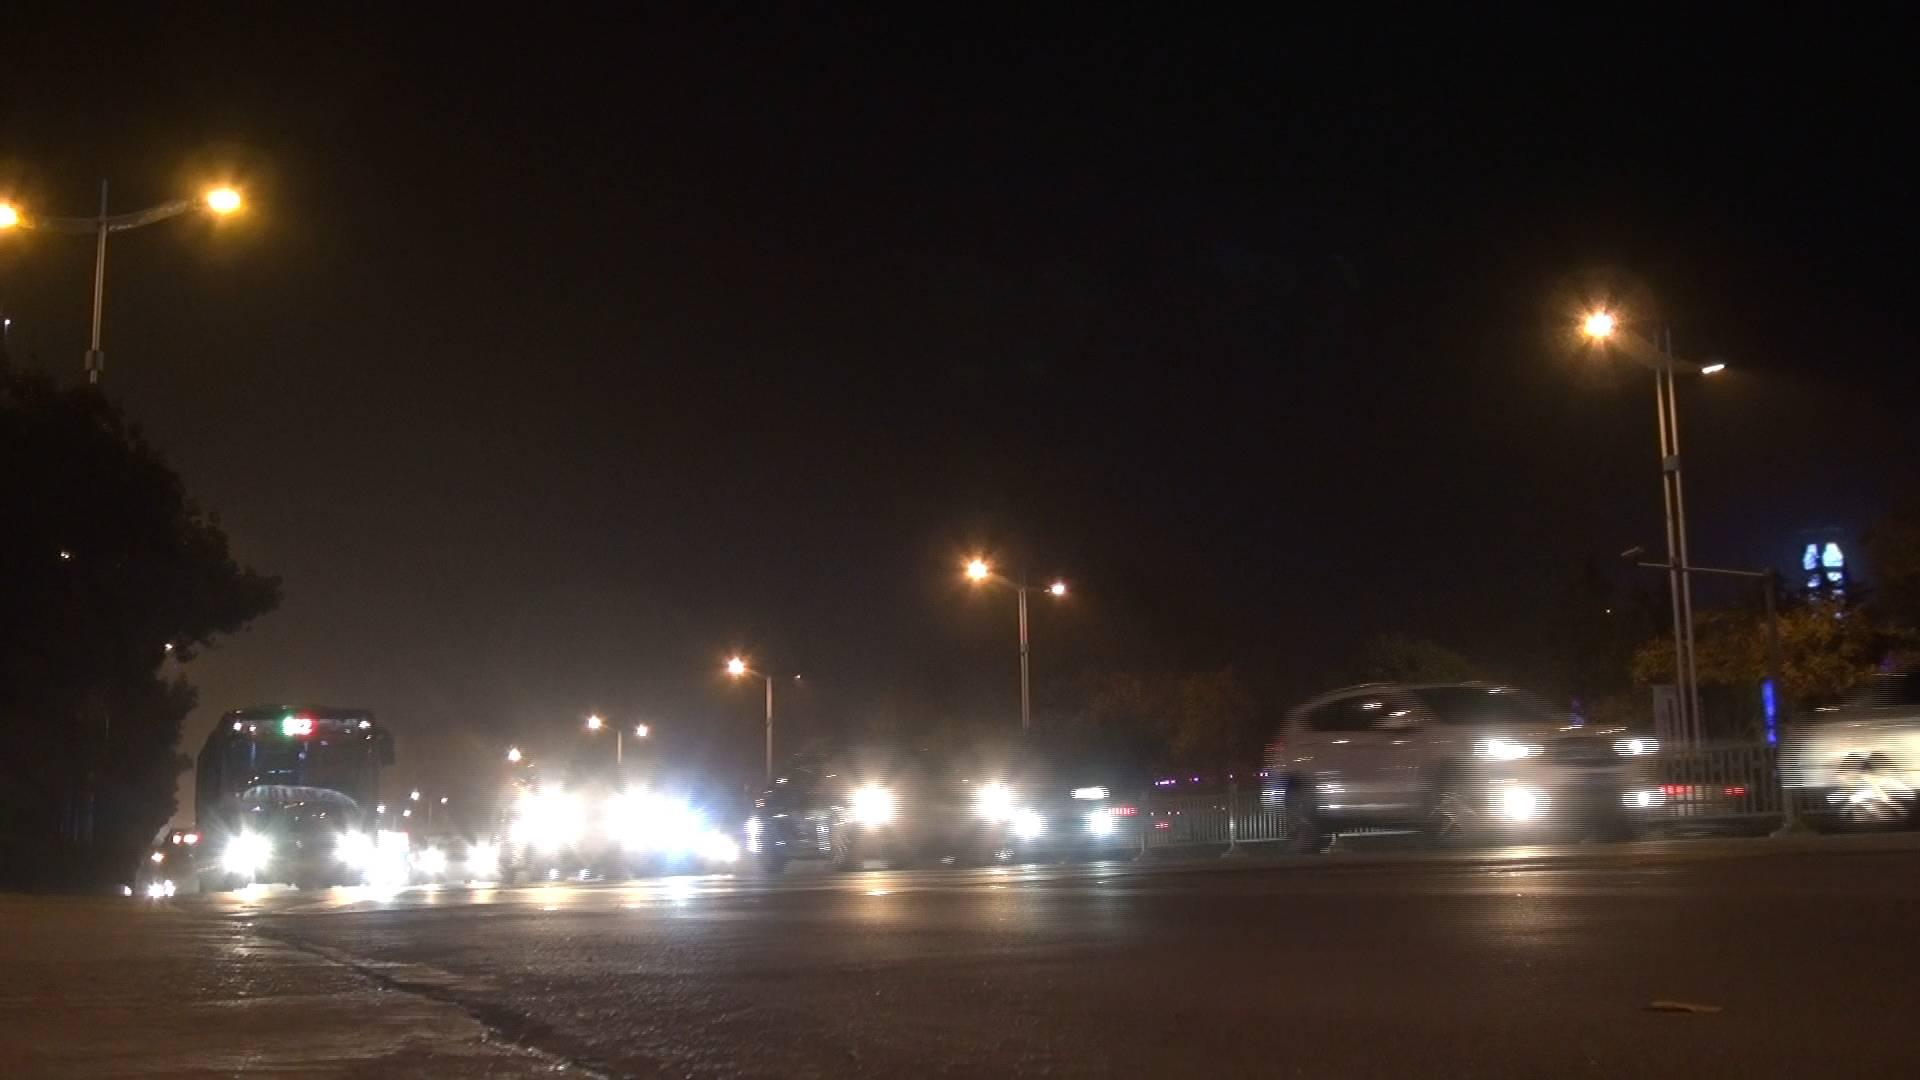 33秒 | 行驶中滥用远光灯害人害己!听听医生讲什么叫光毒性